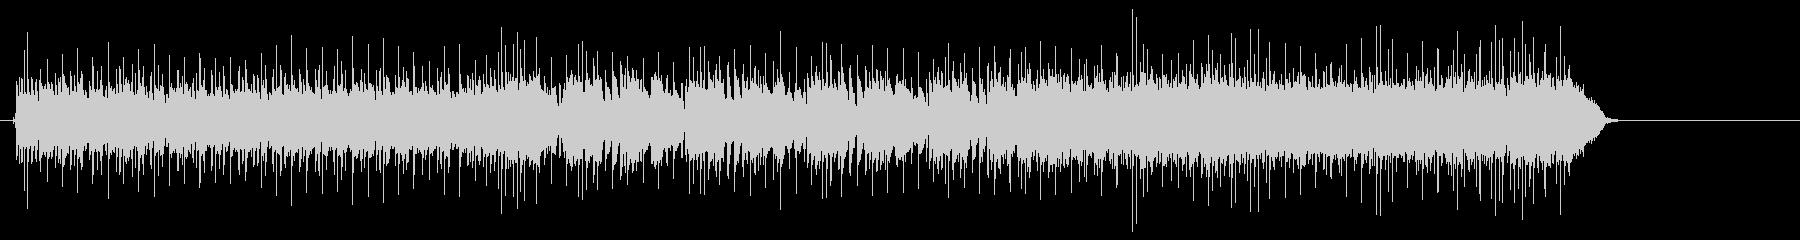 ギターの余韻が強烈な鋭角的スピードメタルの未再生の波形